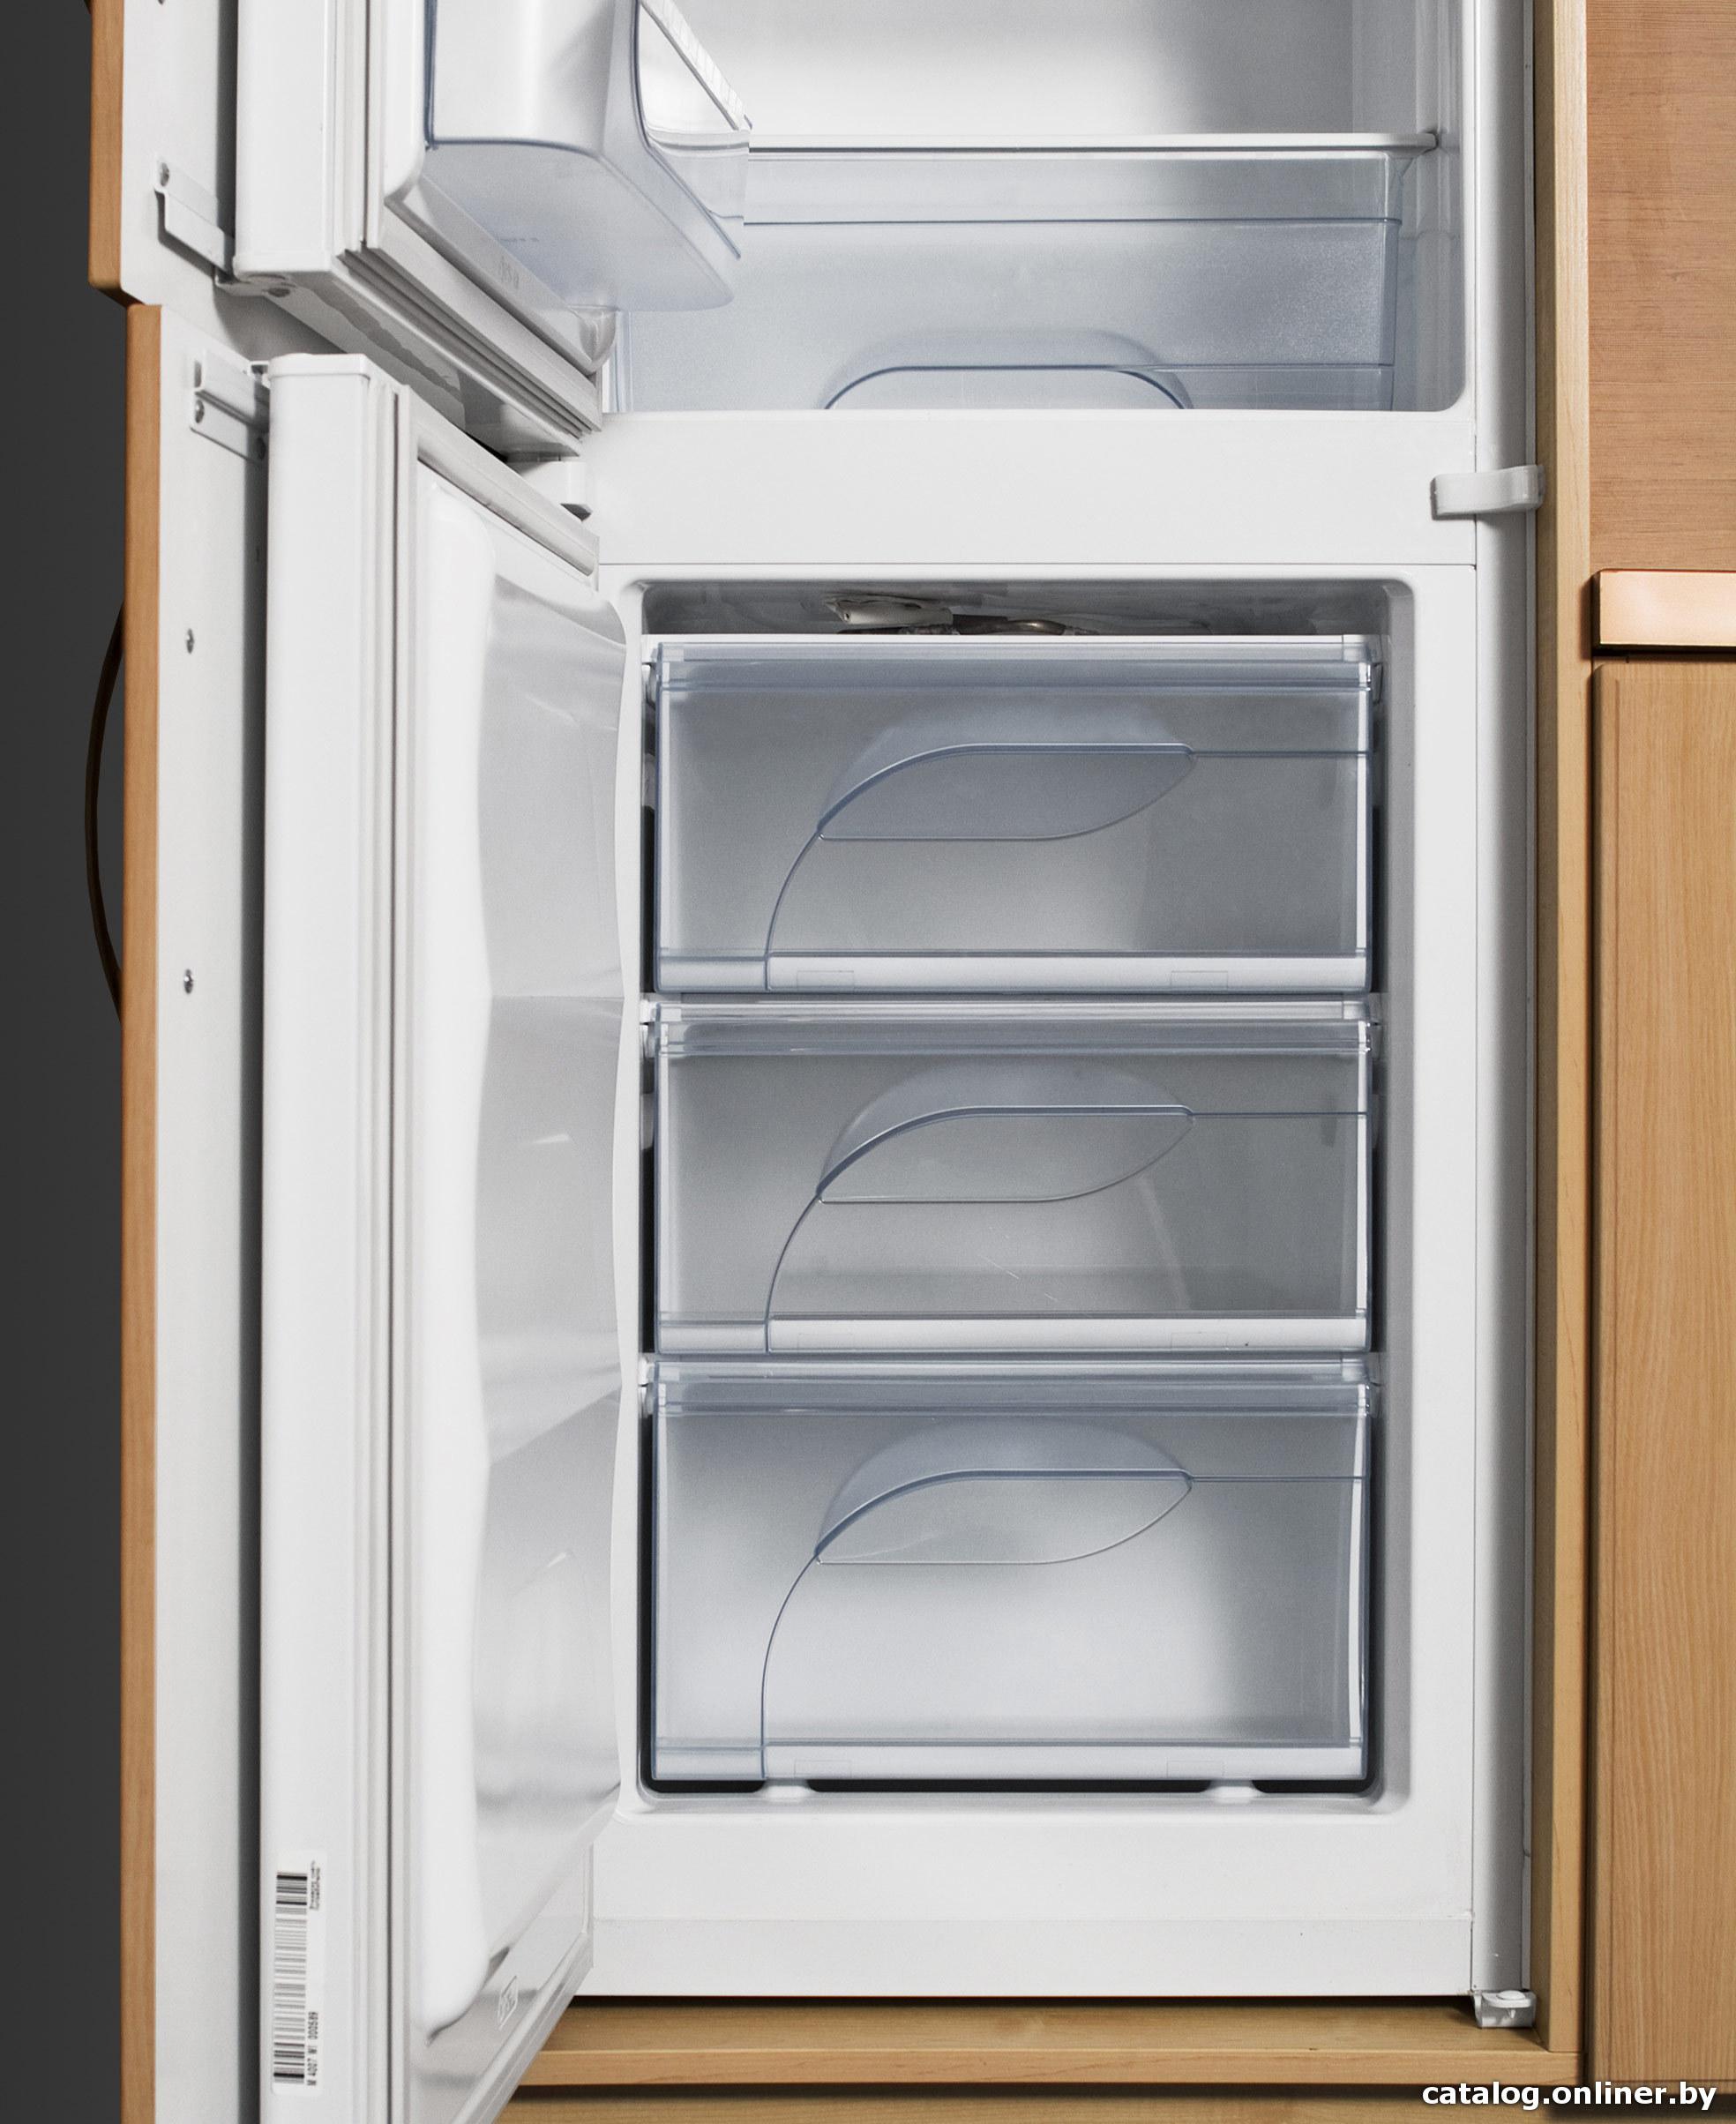 Встраиваемый холодильник атлант 4307 000 схема встраивания фото 156